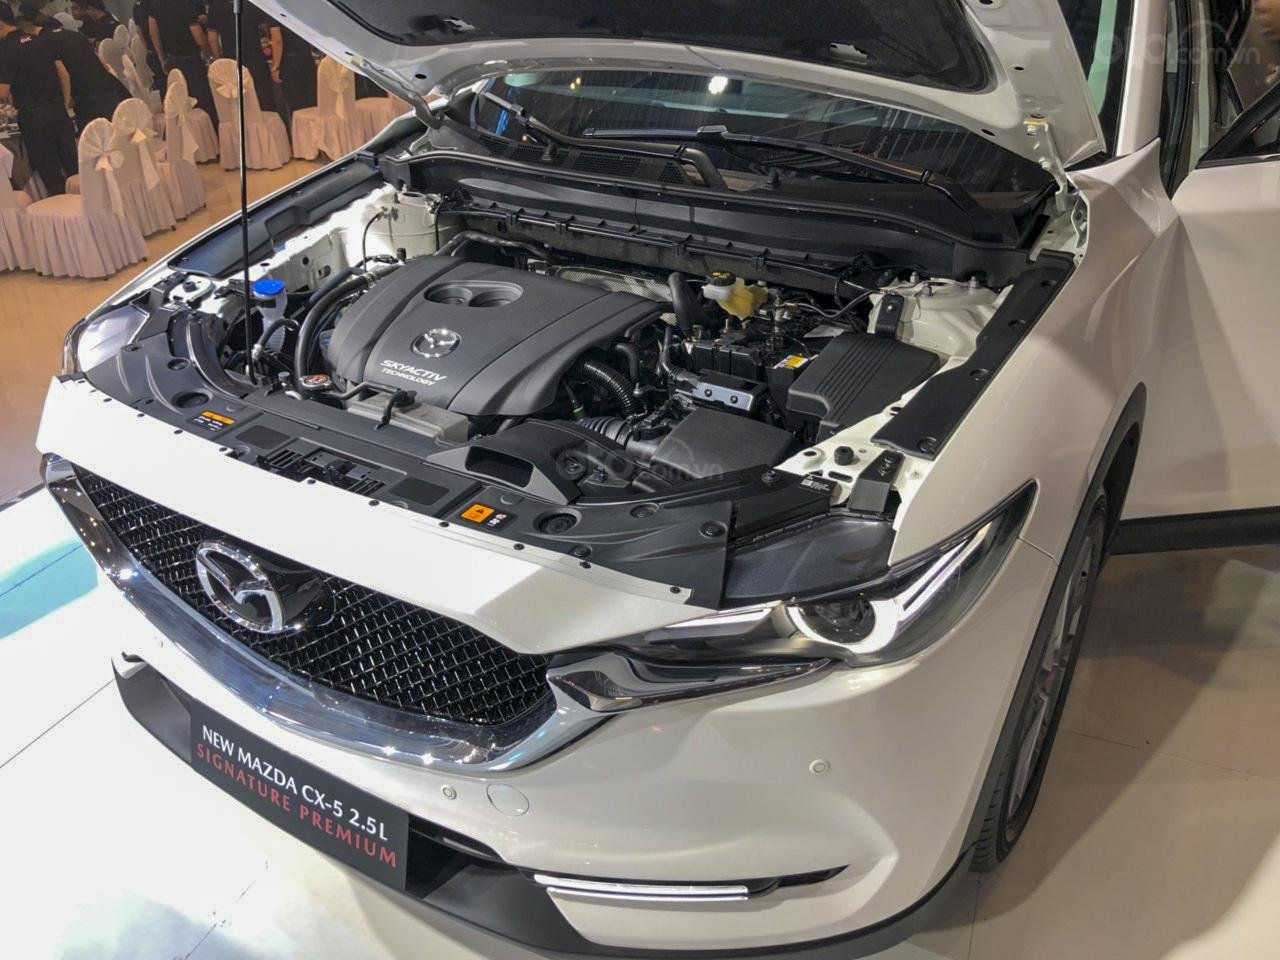 Giá lăn bánh Mazda CX-5 2019 sau khi tăng giá niêm yết a8